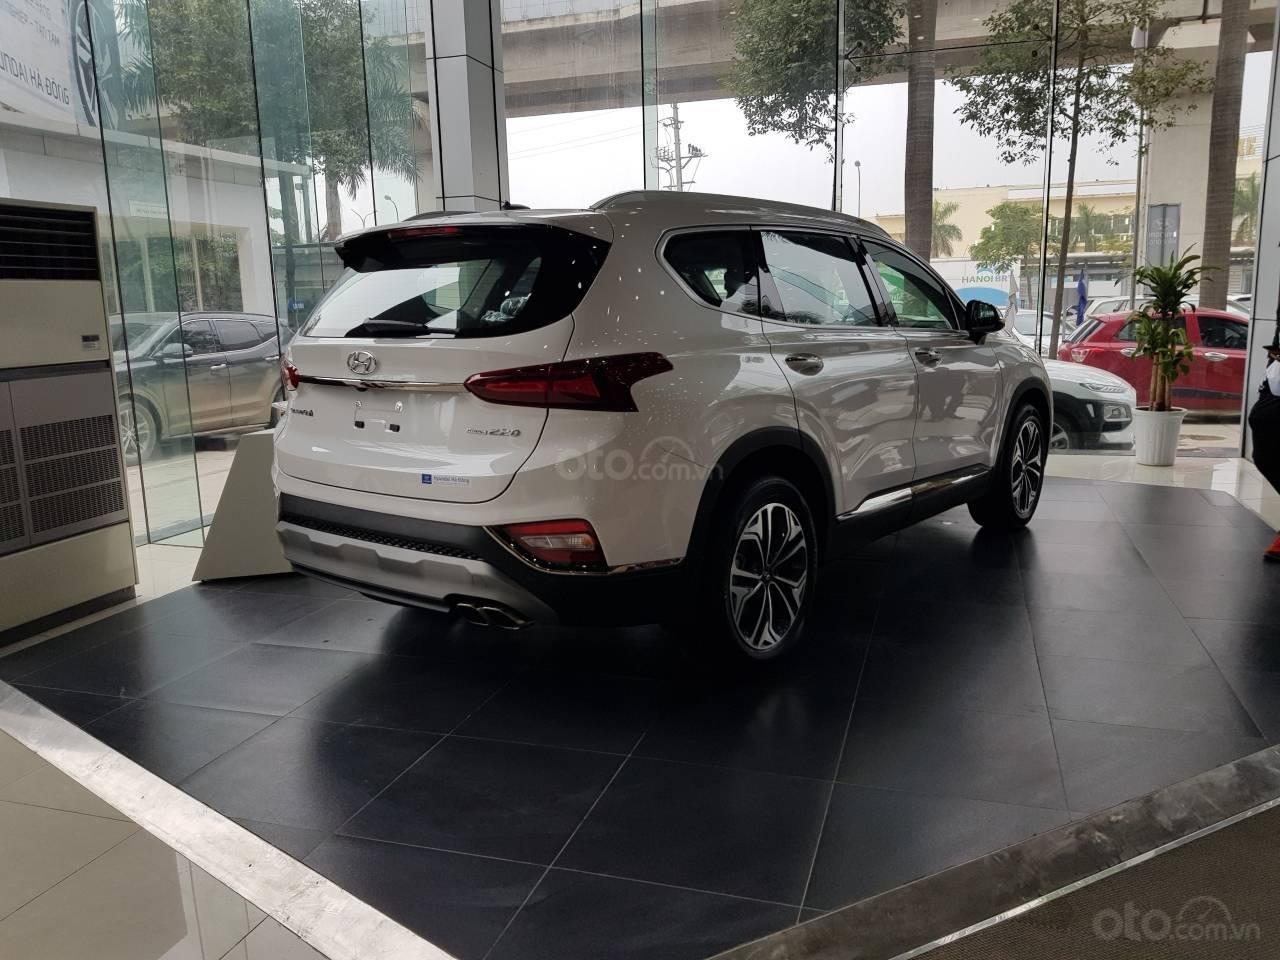 Hyundai Santa Fe 2019, giao xe ngay, khuyến mại cực cao, liên hệ ngay: 0981476777 để ép giá và nhận ưu đãi-6